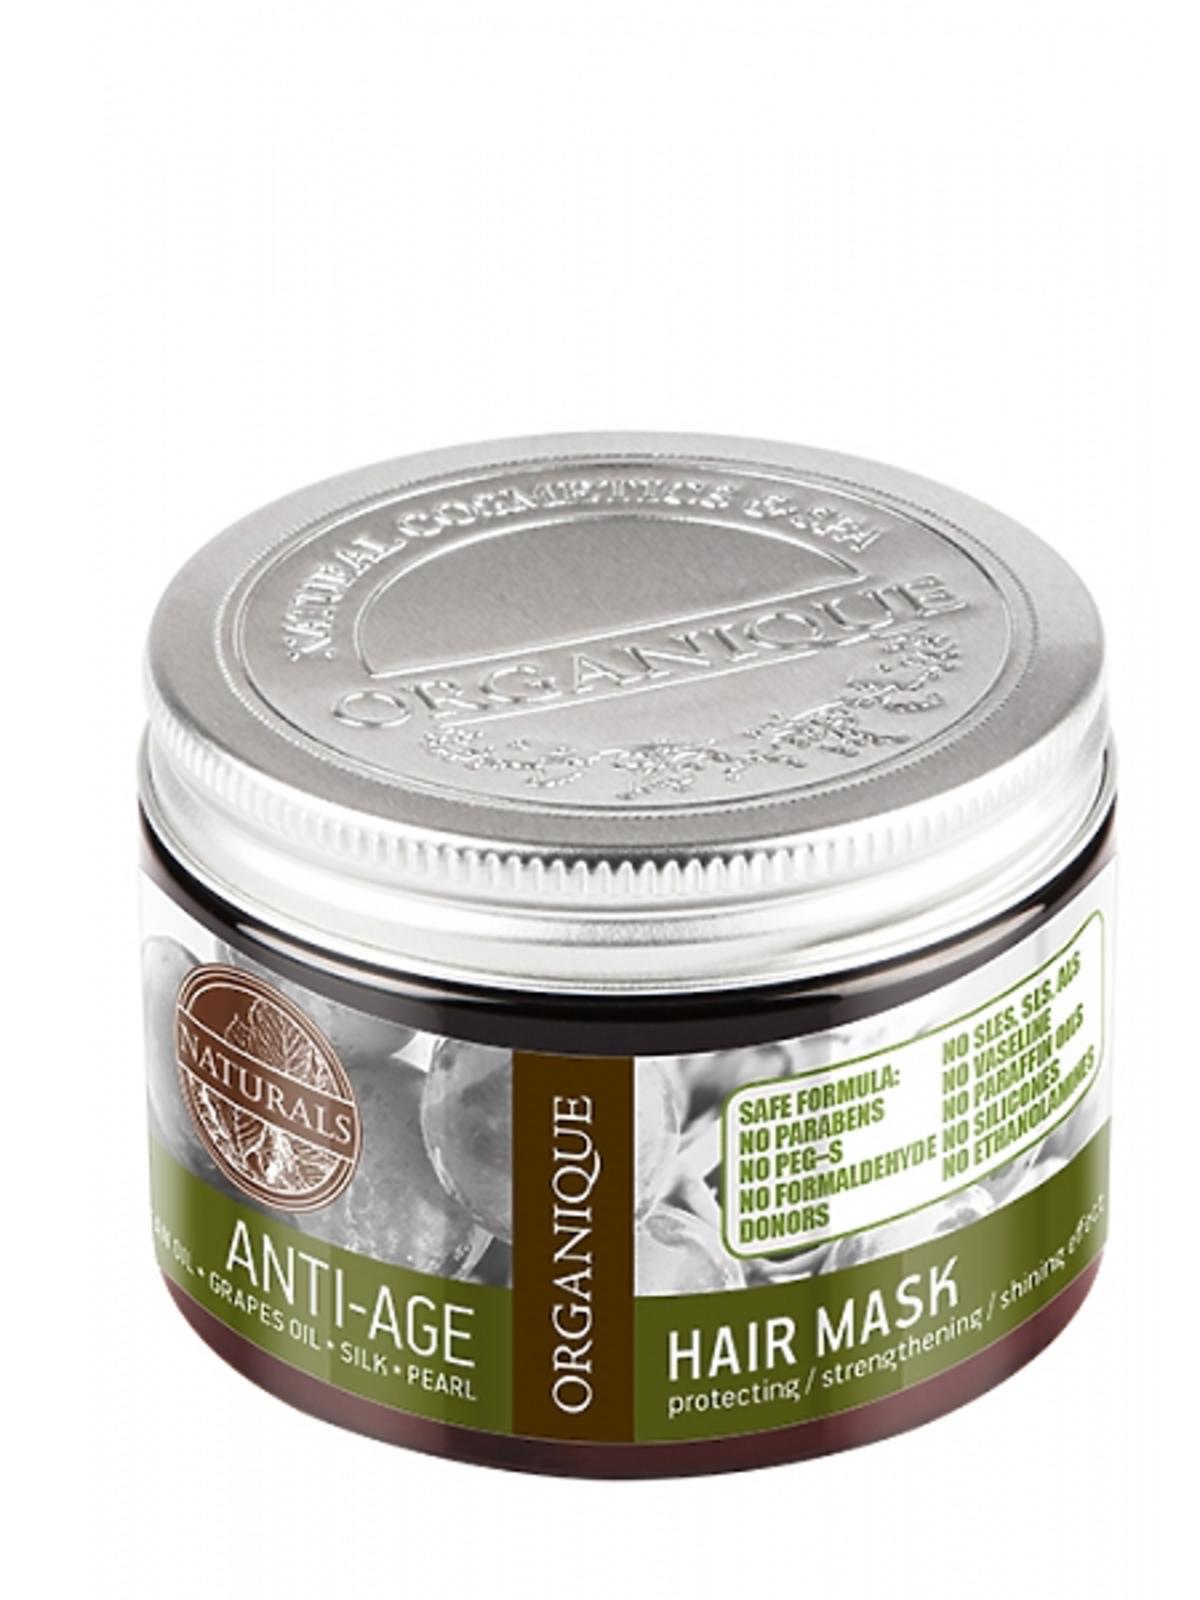 Organique, Anti - Age, Hair Mask